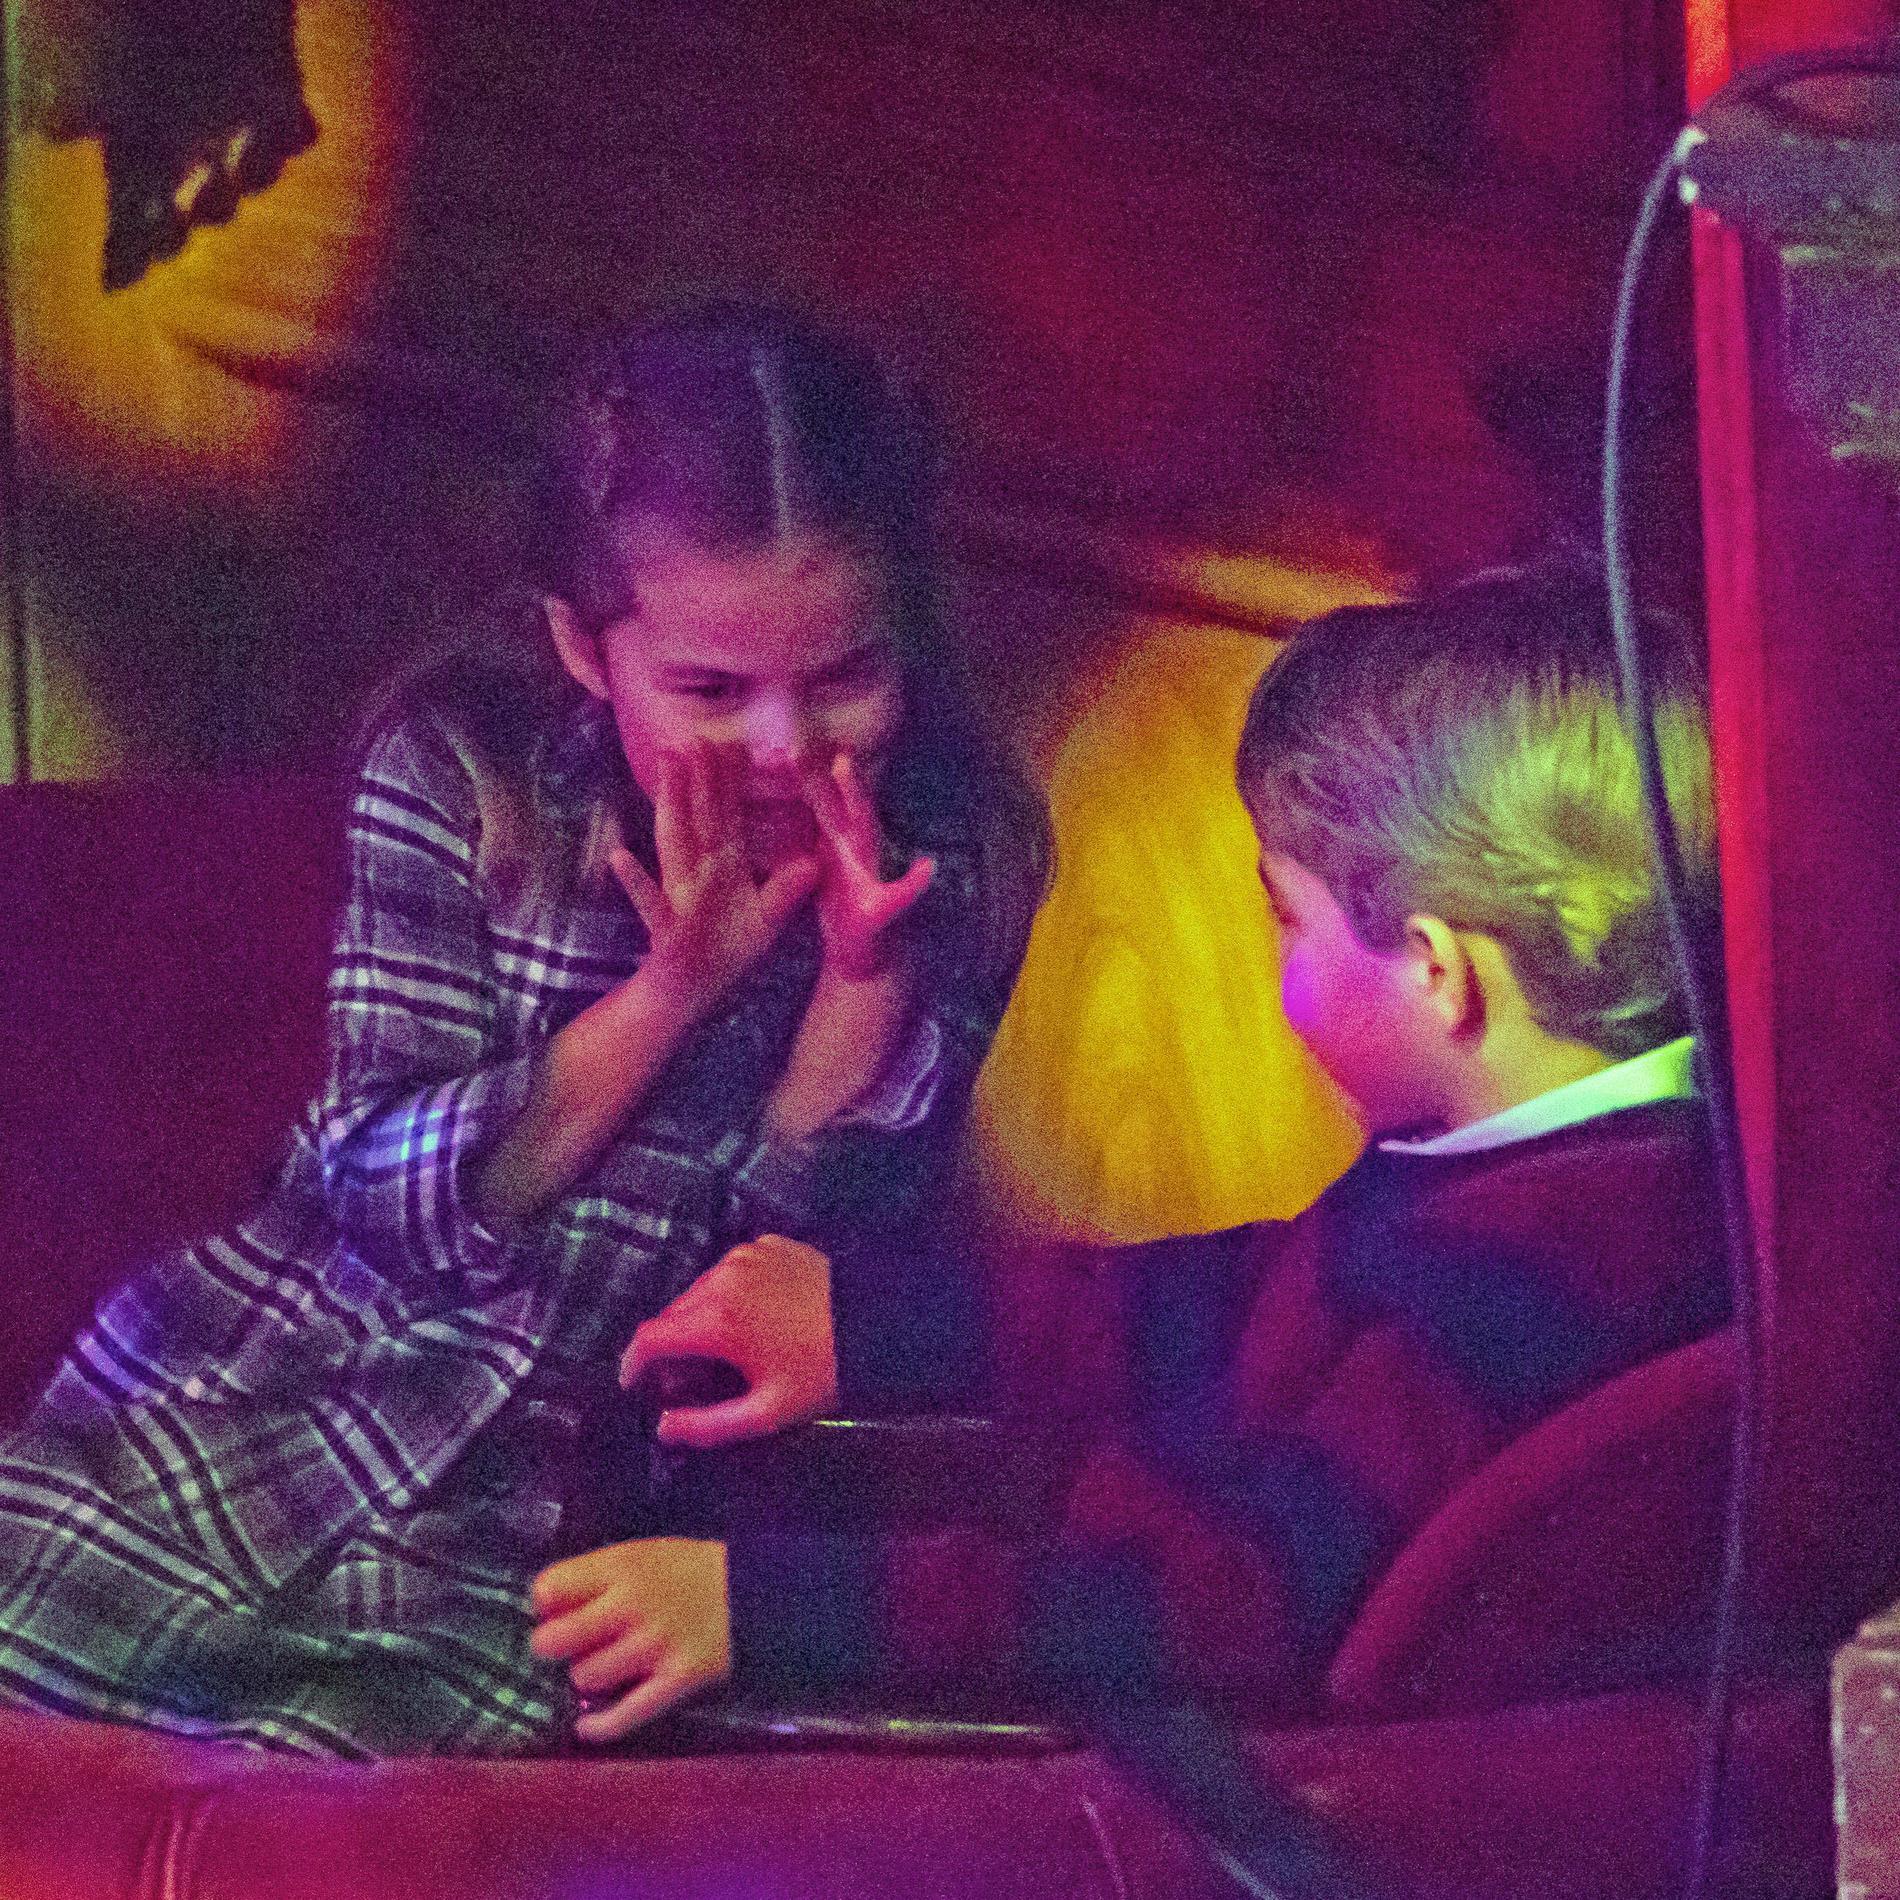 Les instants de complicité entre George, Charlotte et Louis de Cambridge, en coulisses d'un spectacle londonien